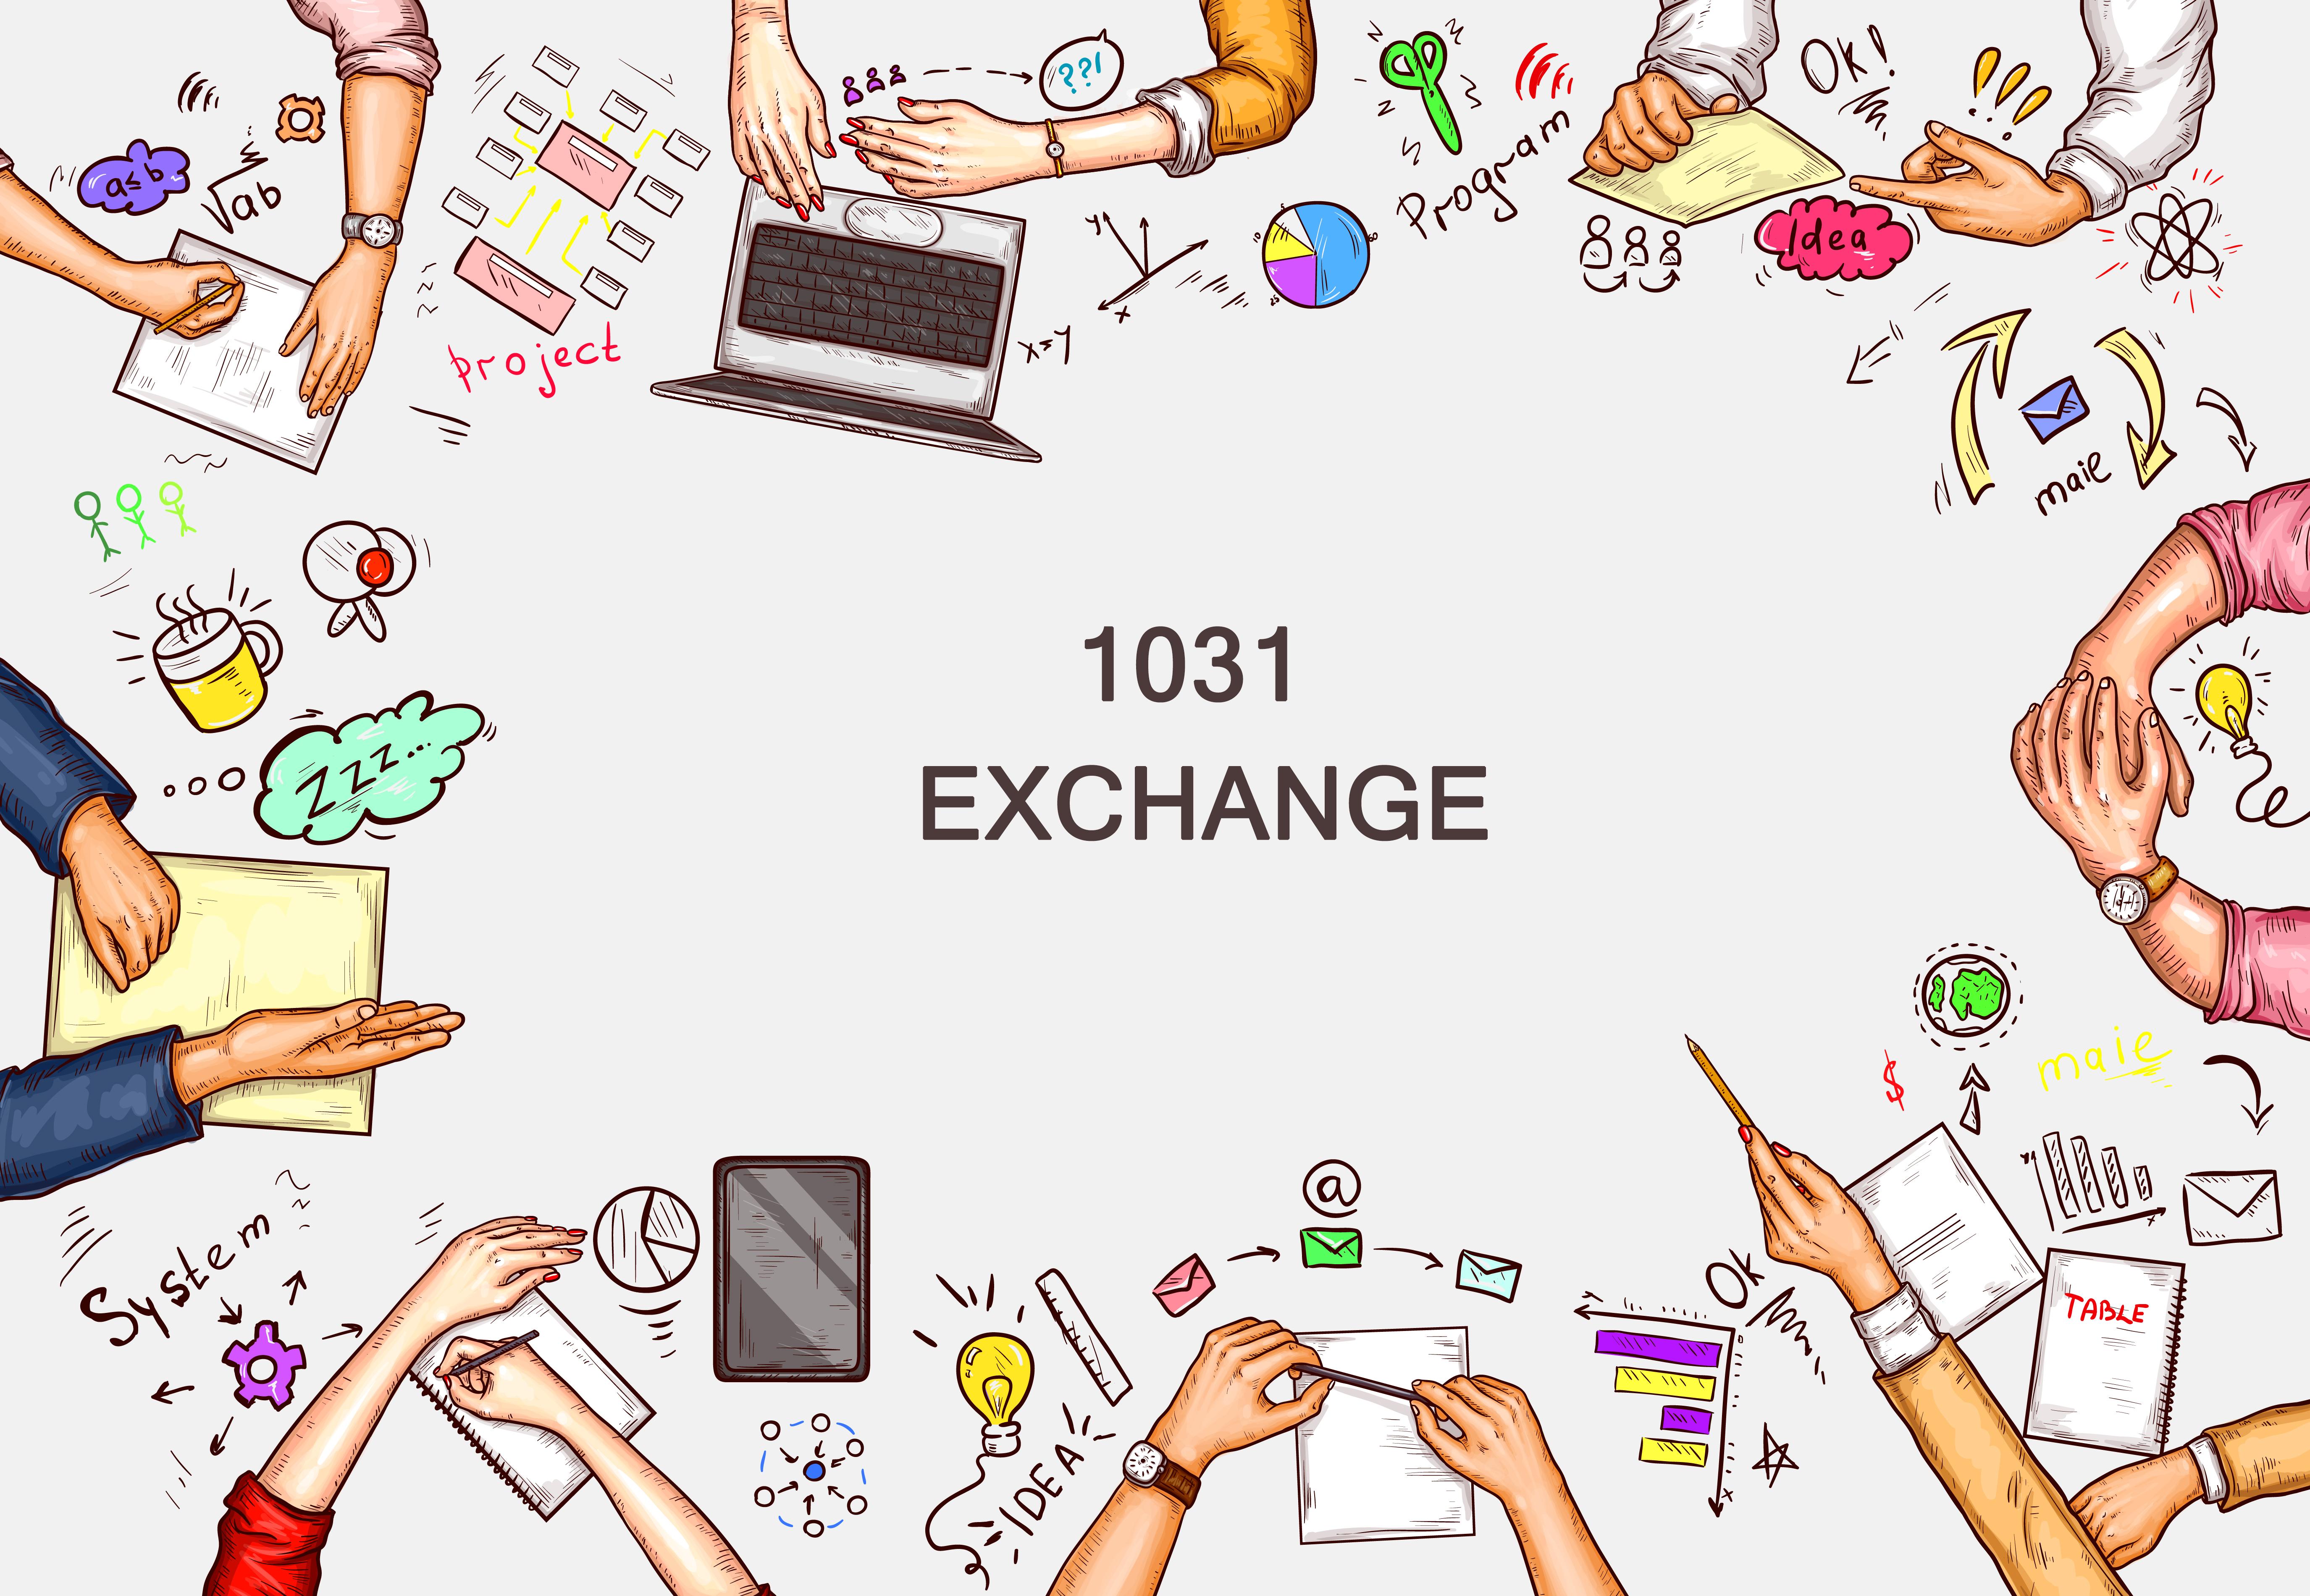 1031 Exchange Timeline Real Estate Investing Investing Timeline